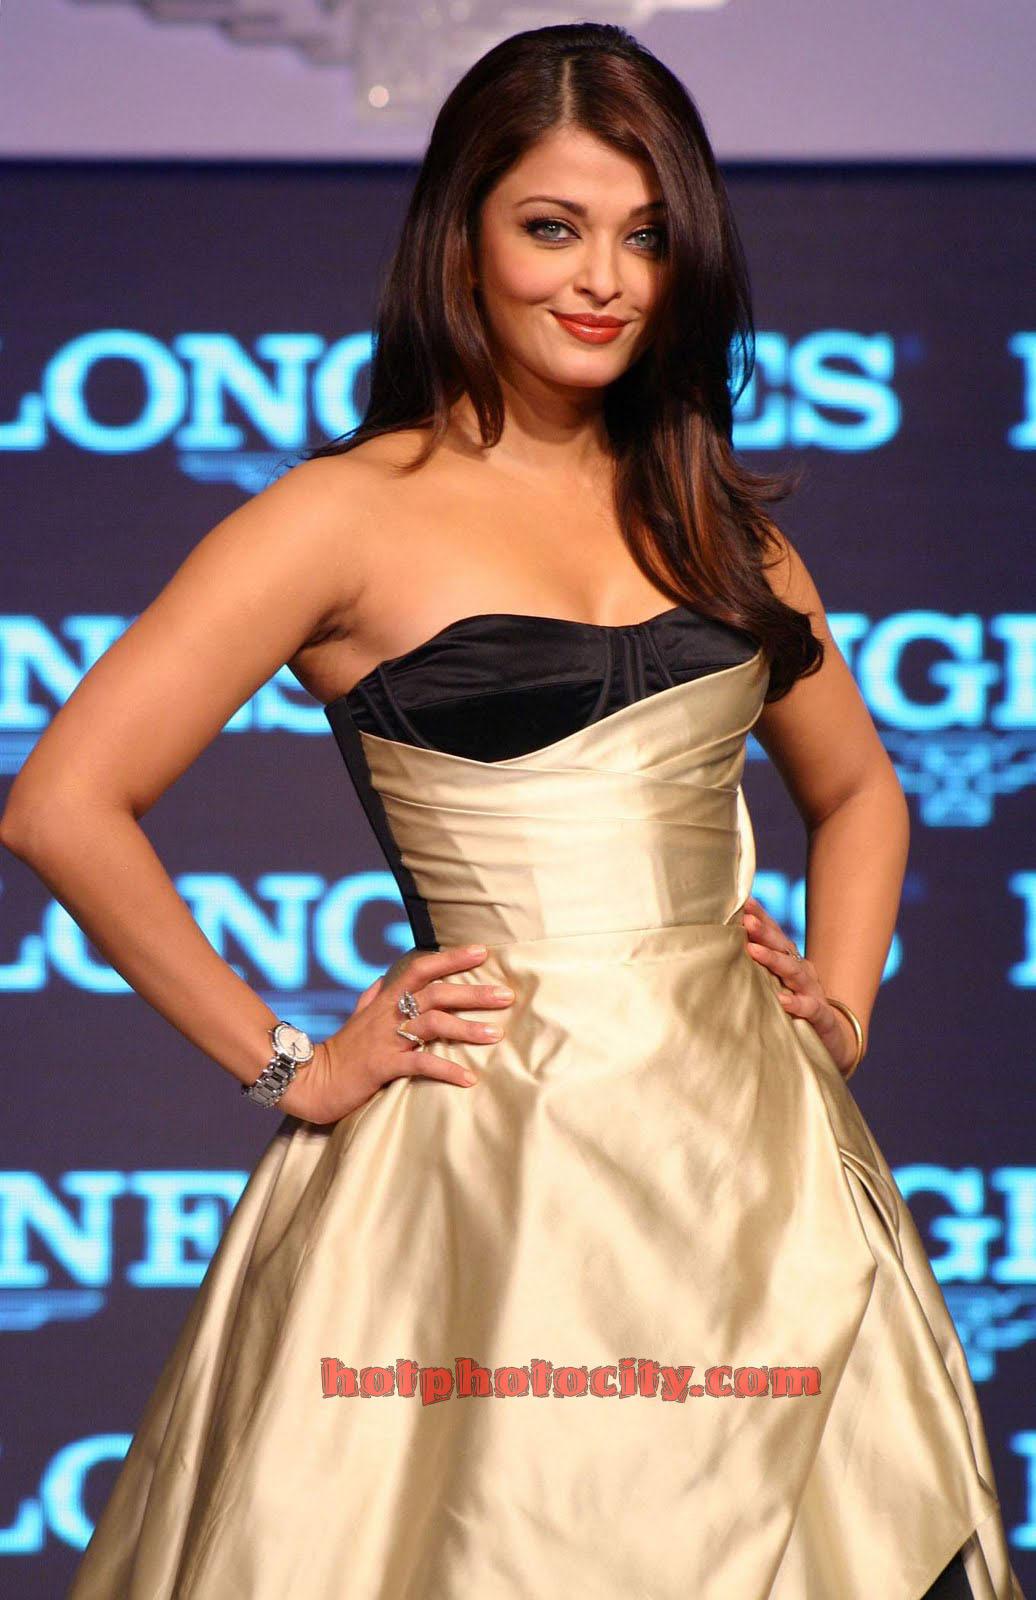 http://1.bp.blogspot.com/-zBOvCQP6JJs/TV1K1tbqY3I/AAAAAAAAA88/hXVESBagPJ4/s1600/bollywood-actress-aishwarya-rai-hot-photos-gallery_123actressphotosgallery.com_1.jpg